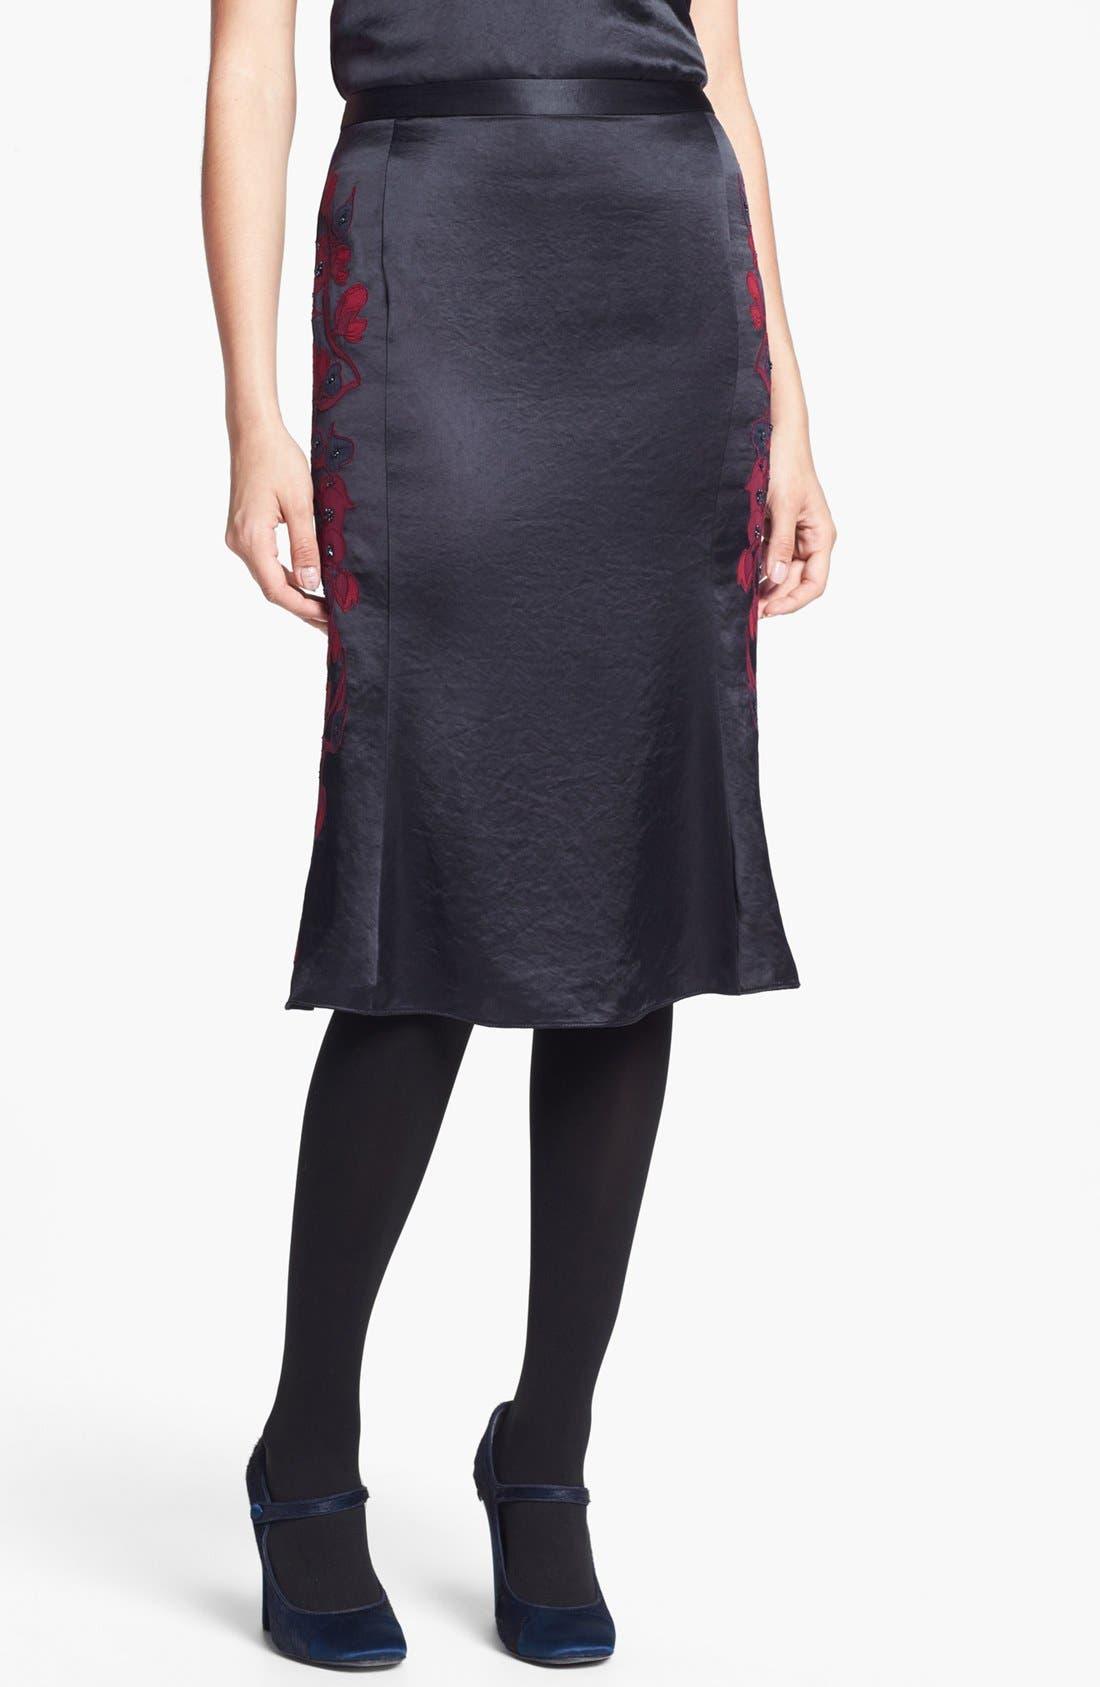 Alternate Image 1 Selected - Tory Burch 'Uma' Embellished Midi Skirt